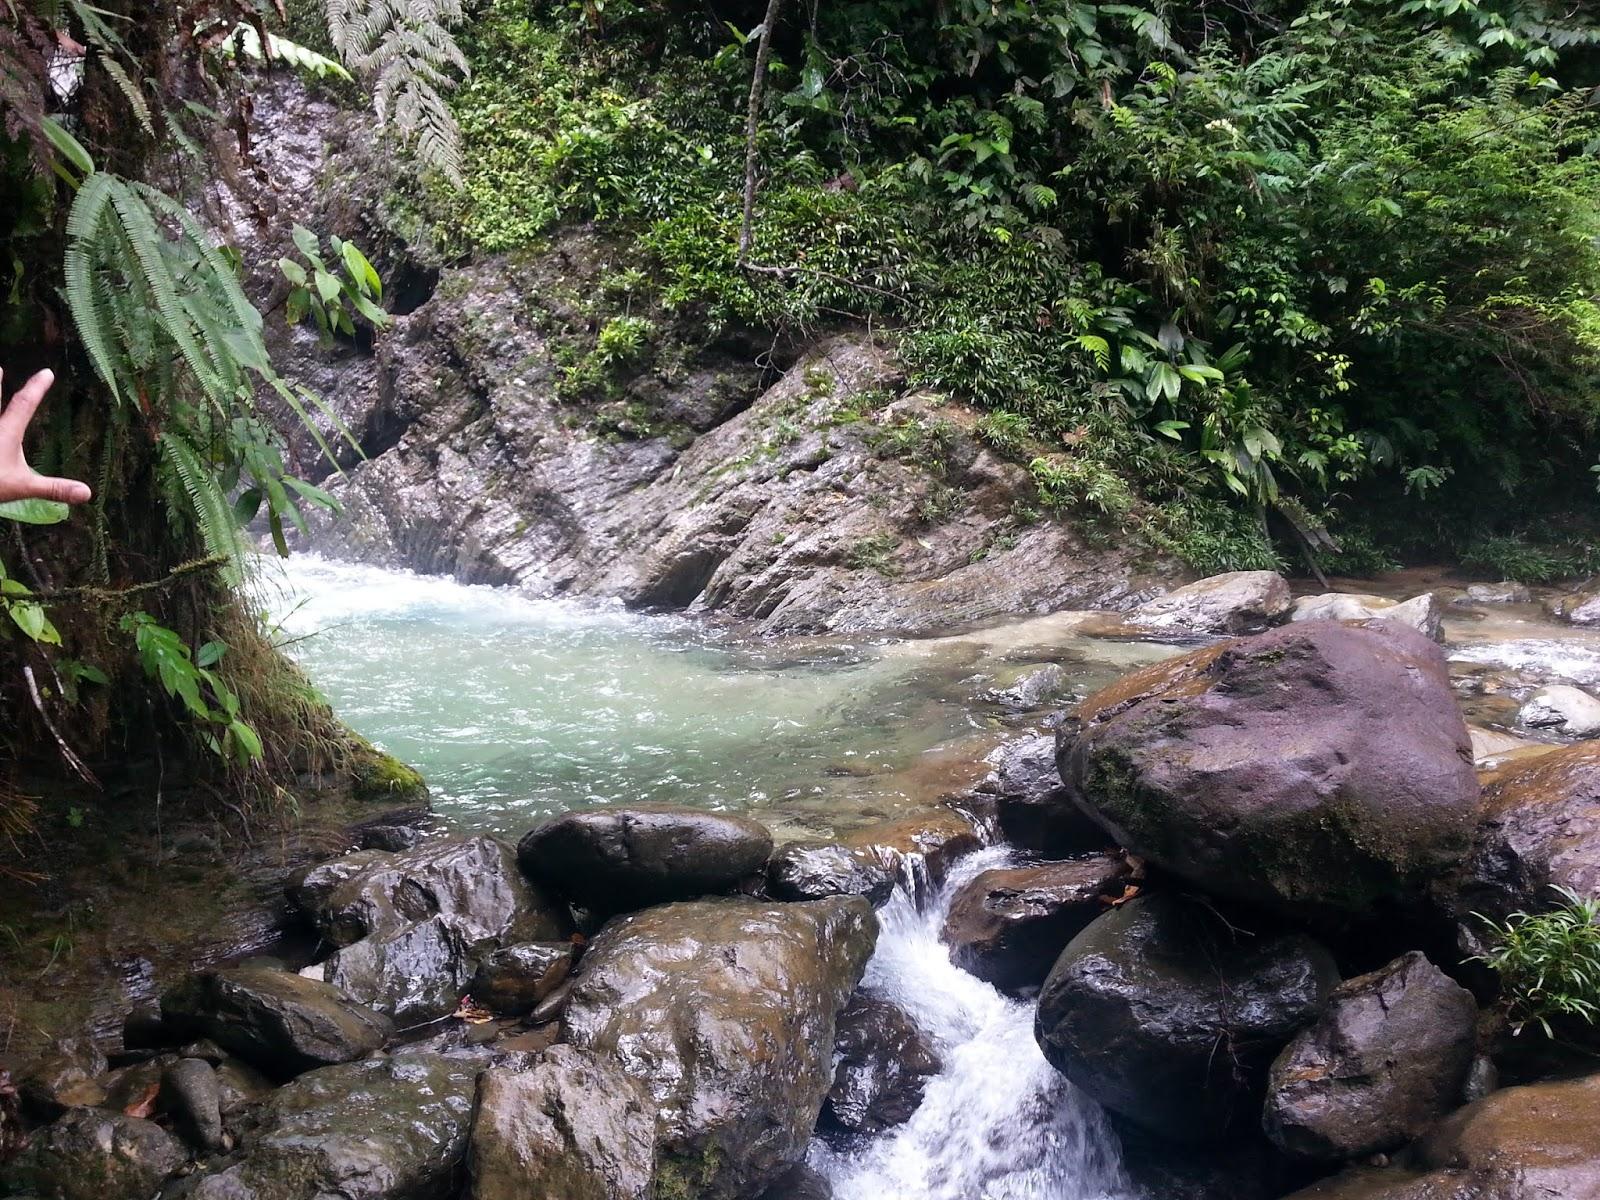 Charco gran piscina de pericos.Foto: linashot.blogspot.com